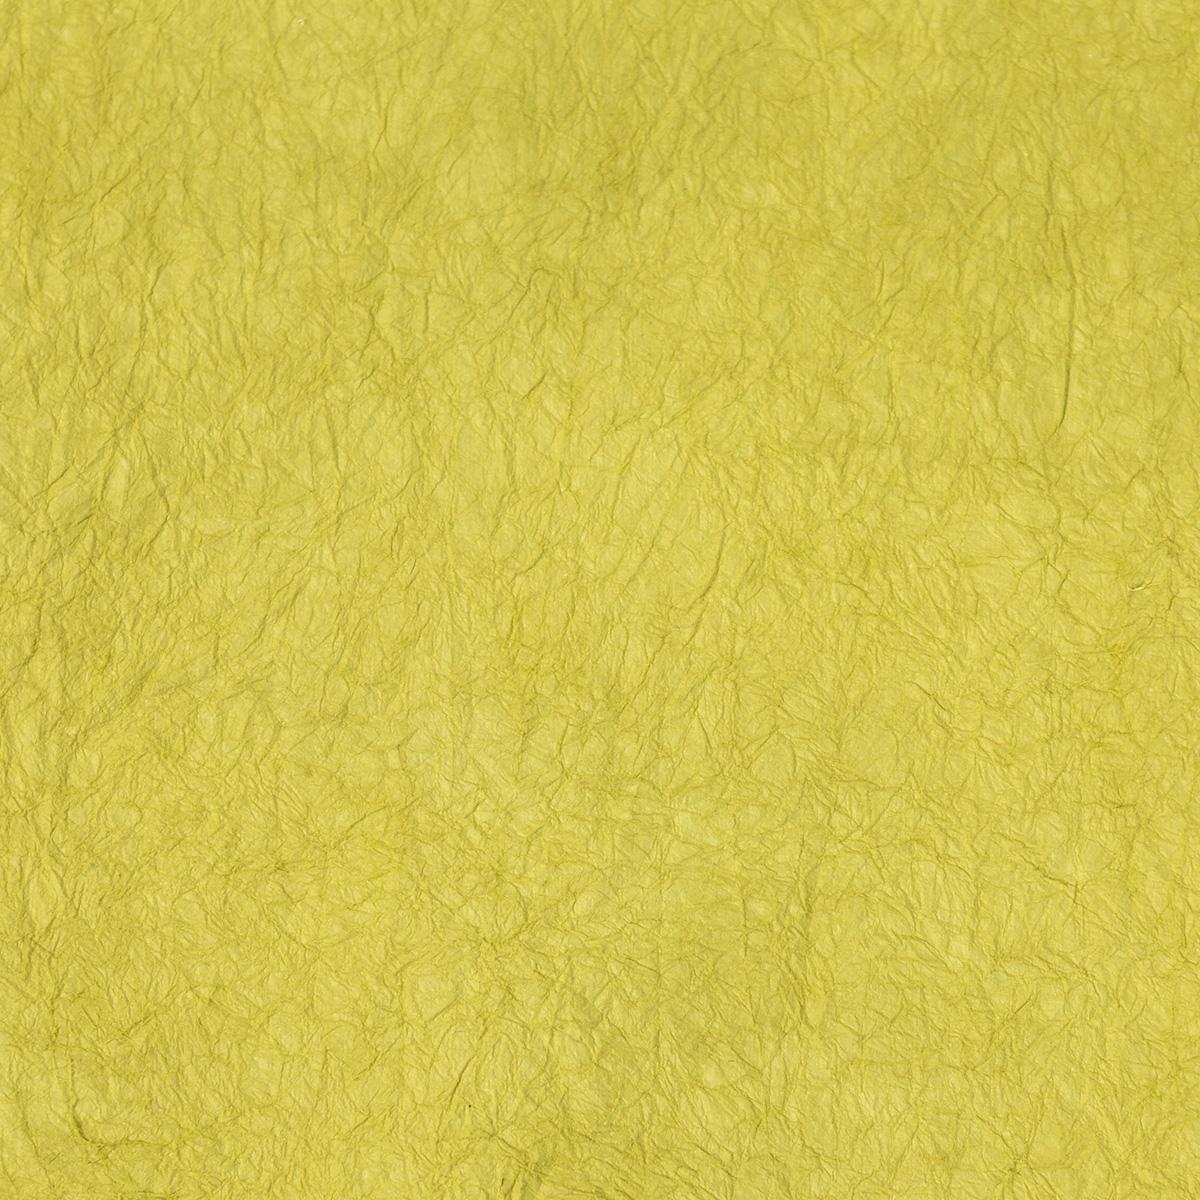 王朝のそめいろ 厚口 44番 浅黄